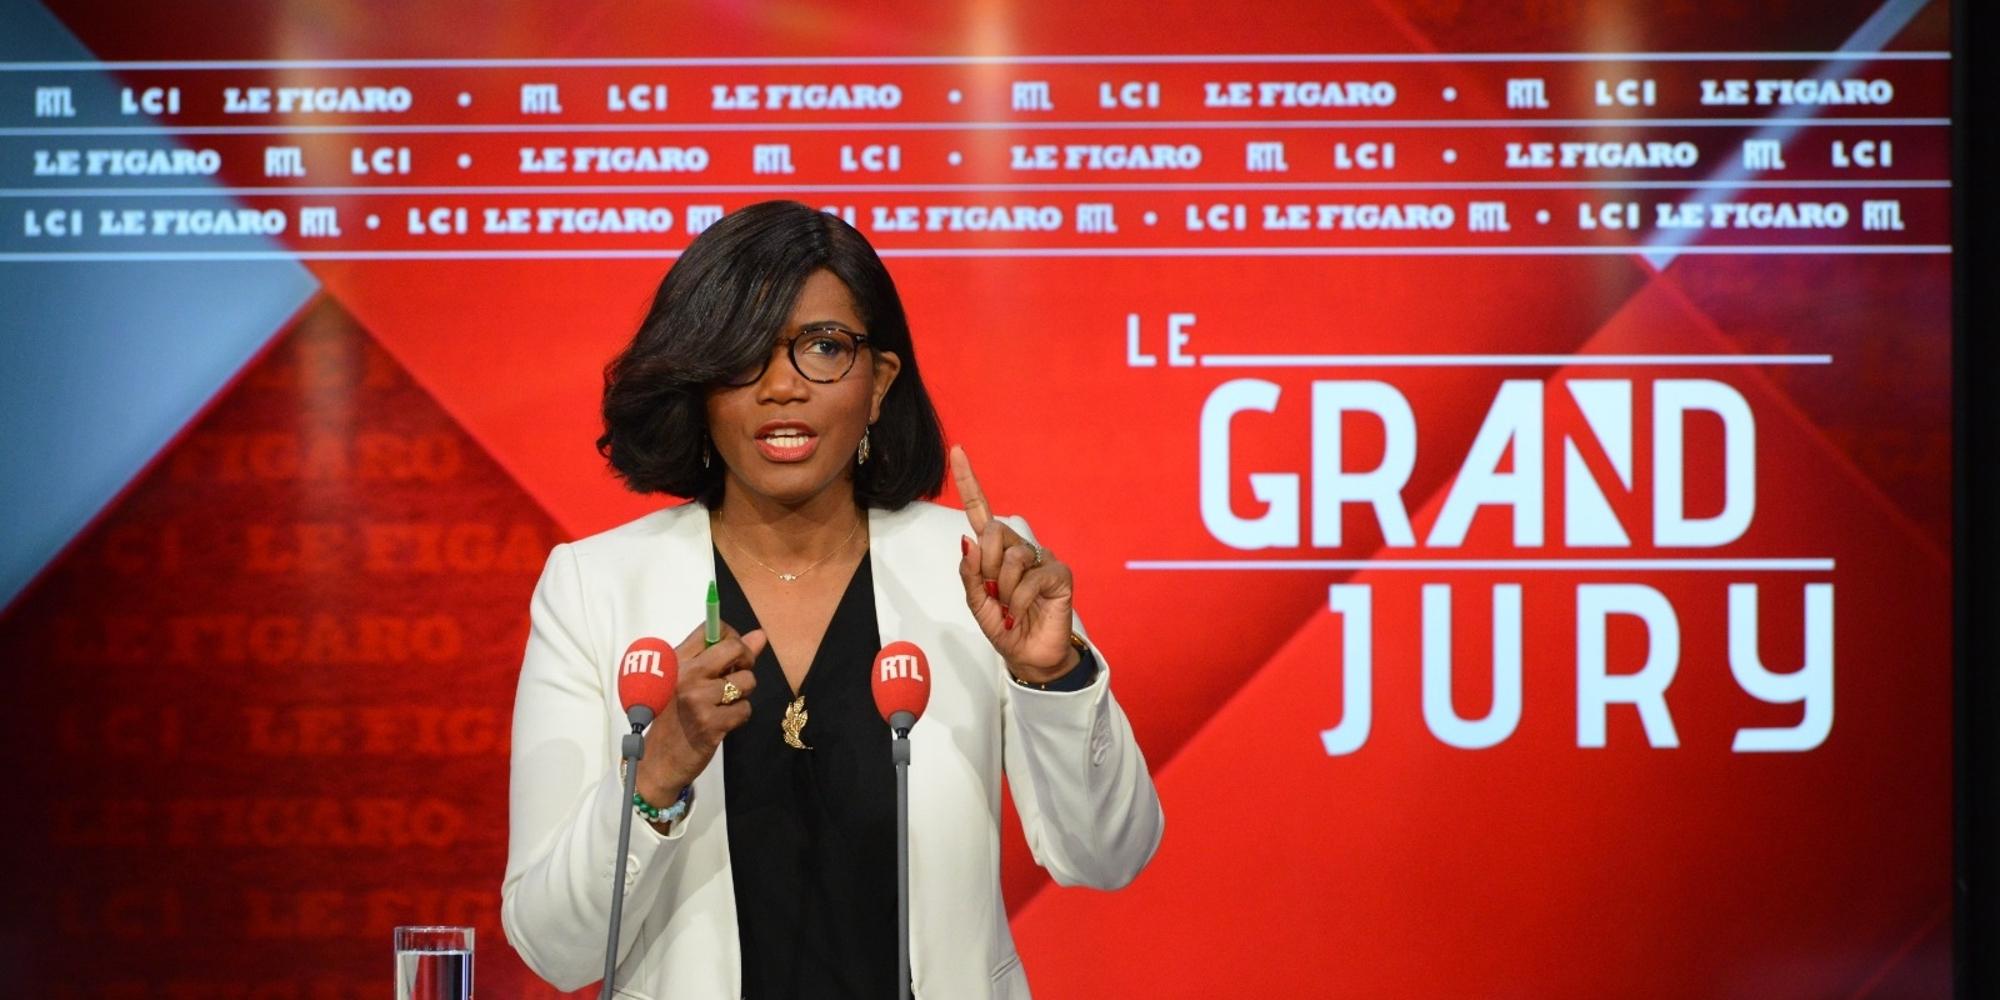 Image - La Manif Pour Tous demande la démission d'Elisabeth Moreno, ministre déléguée en charge de l'égalité Femmes-Hommes